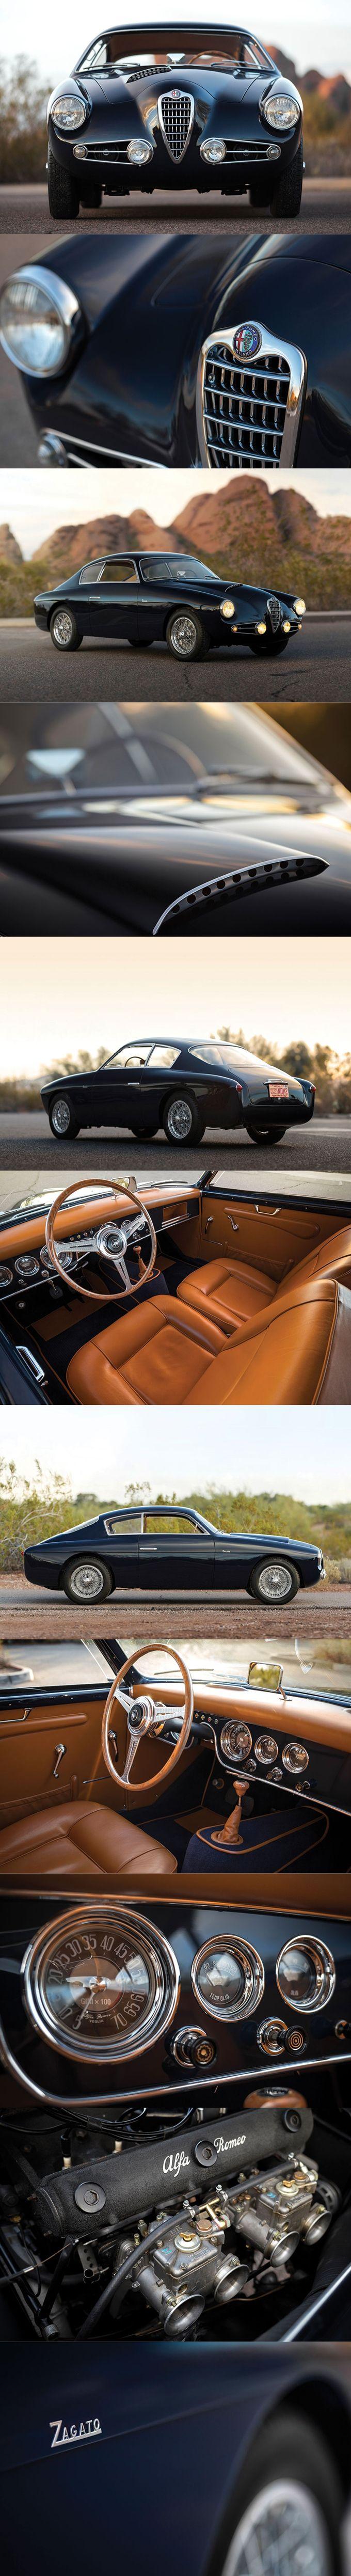 1955 Alfa Romeo 1900 C SS Berlinetta / Zagato / s/n 01909 / RM Sotheby's / Italy / black / 17-381